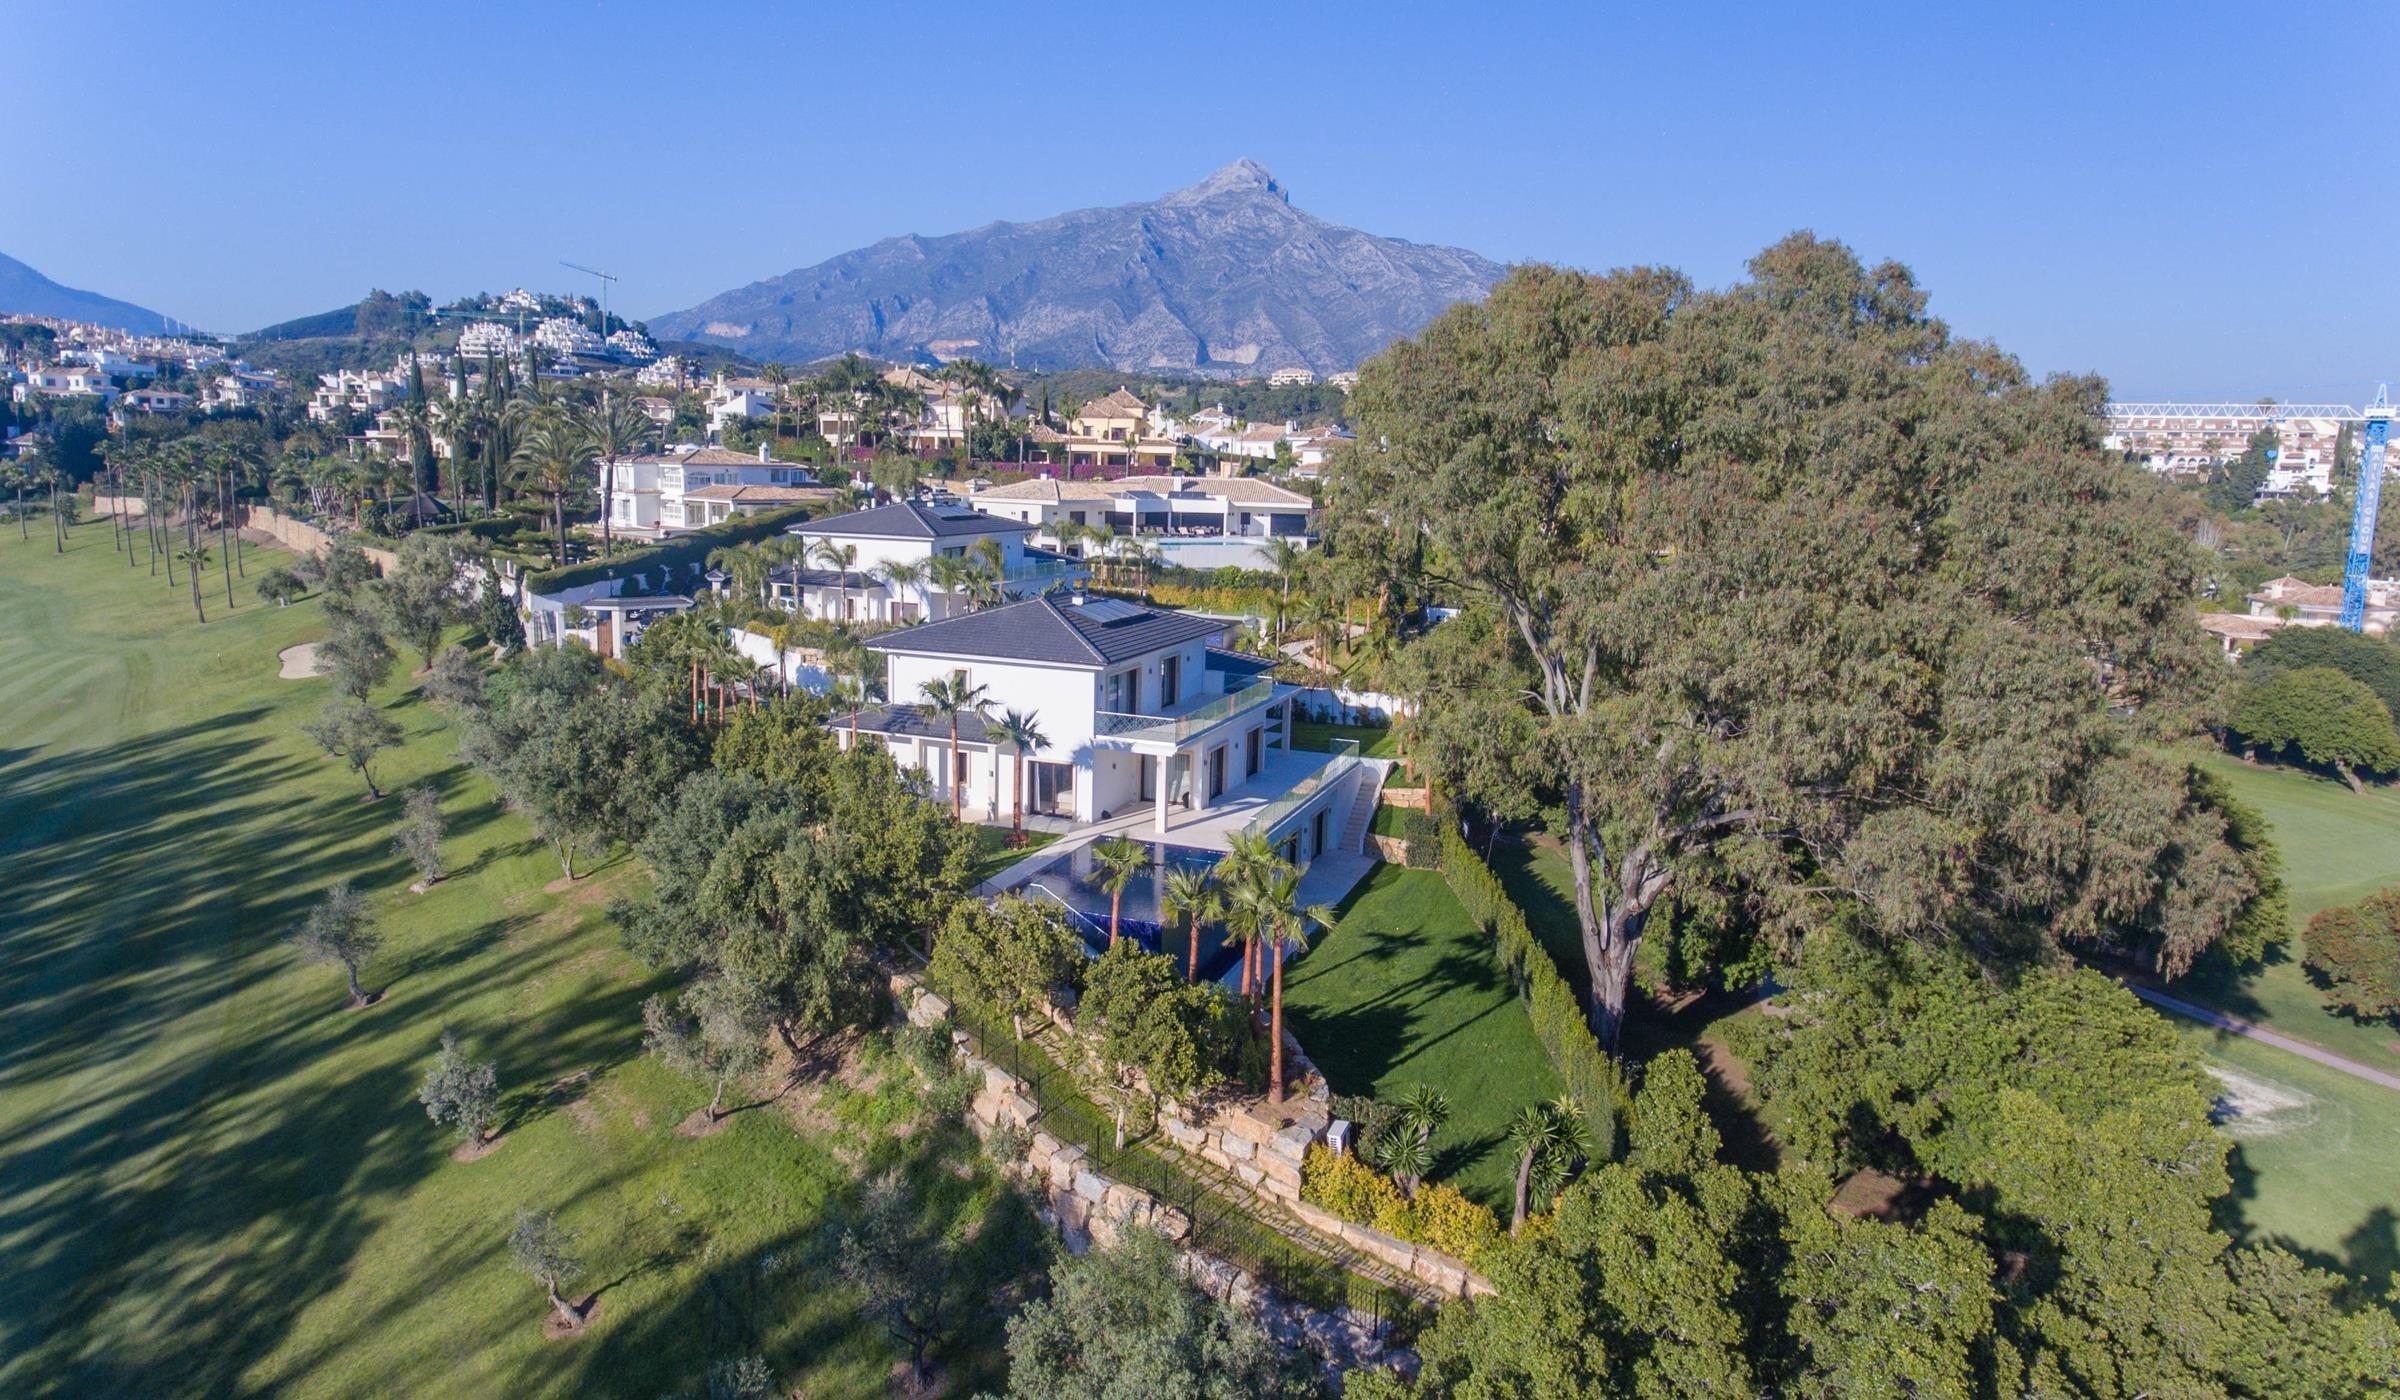 Dos villas gemelas contemporáneas en Los Naranjos.